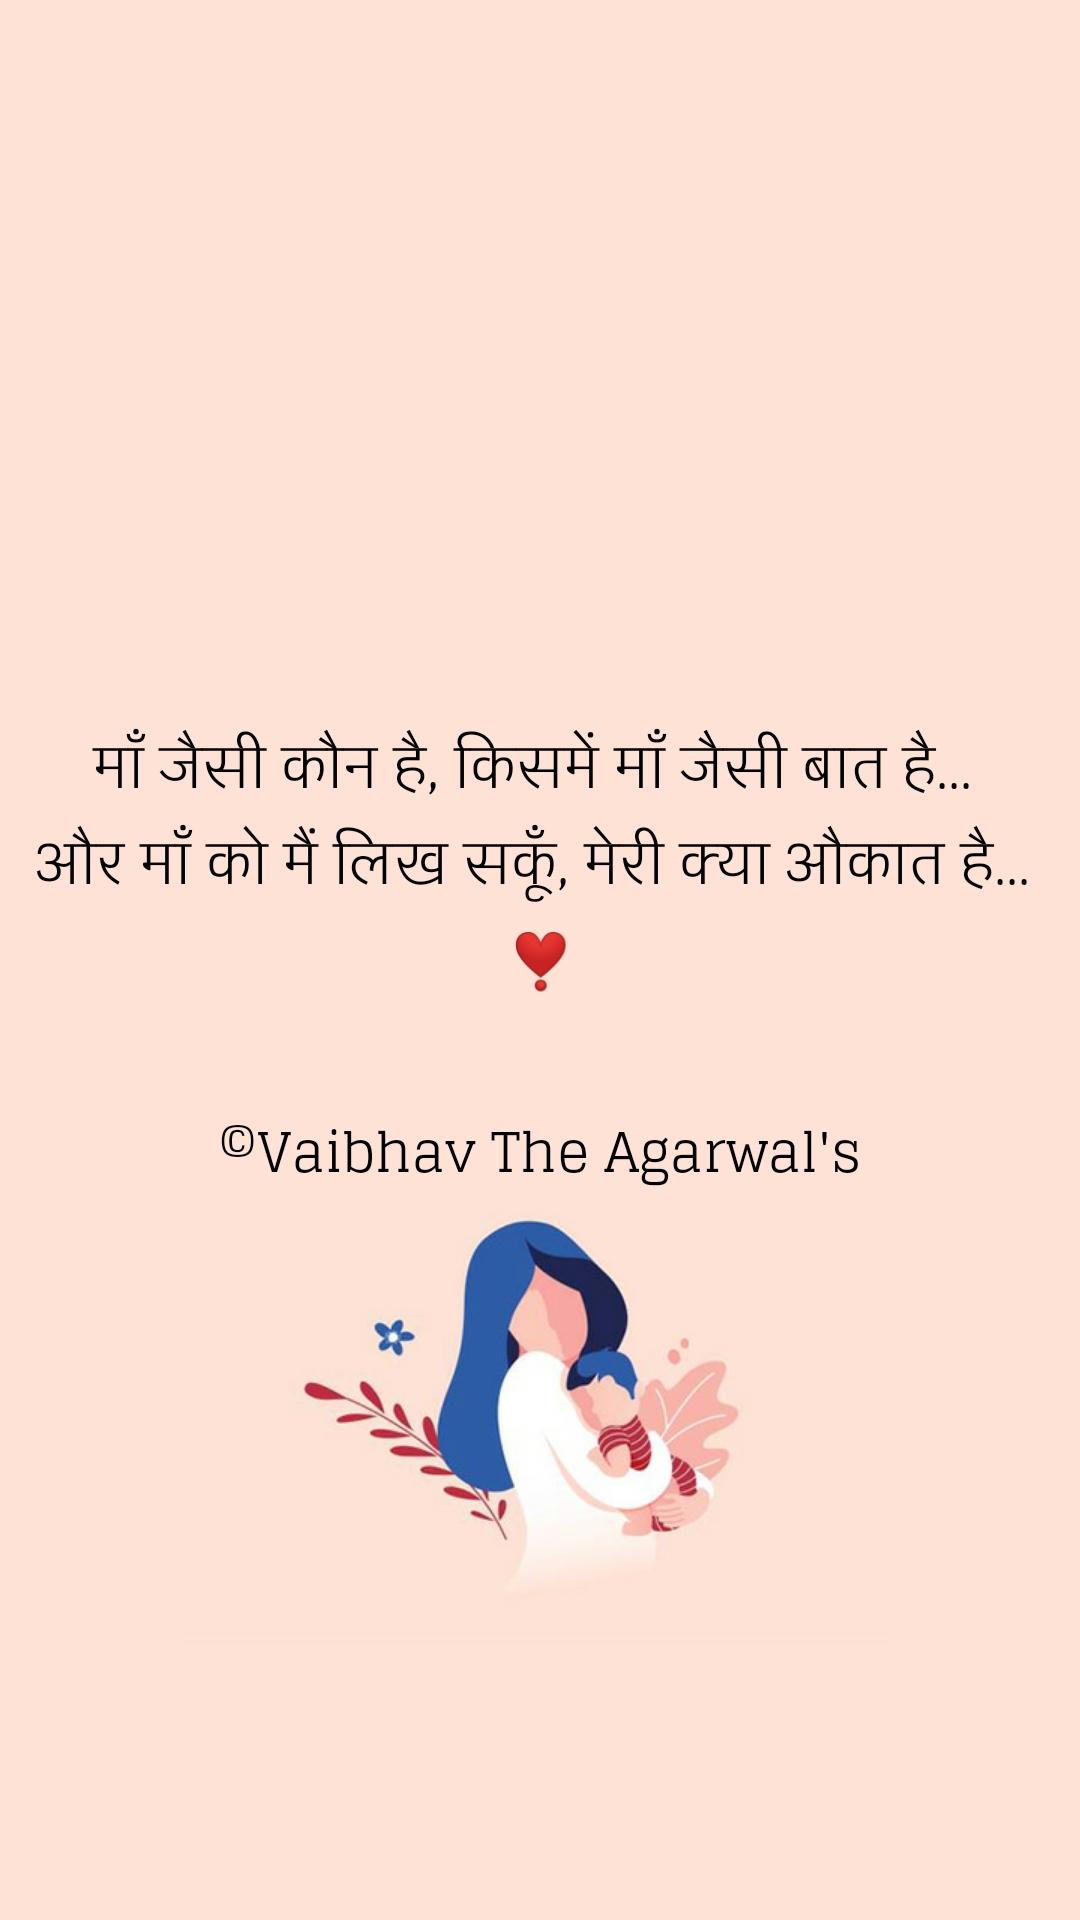 माँ जैसी कौन है, किसमें माँ जैसी बात है...  और माँ को मैं लिख सकूँ, मेरी क्या औकात है...  ❣️  ©Vaibhav The Agarwal's